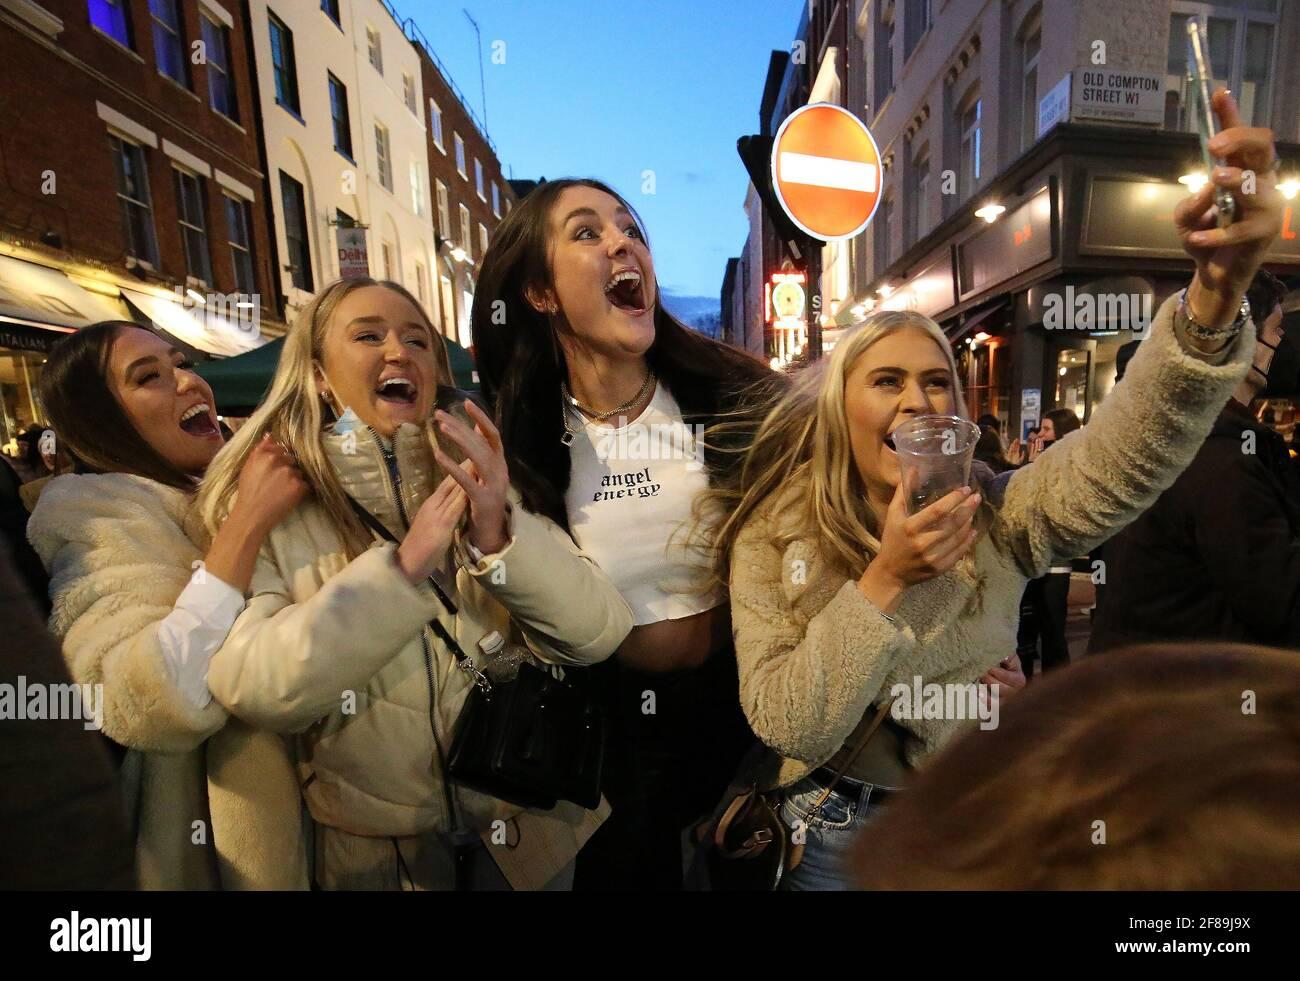 Die Menschen feiern den Abend in der Old Compton Street, Soho, im Zentrum von London, wo Straßen für den Verkehr gesperrt wurden, um Sitzbereiche im Freien für die Wiedereröffnung von Bars und Restaurants zu schaffen, während England mit der weiteren Lockerung der Sperrbeschränkungen einen weiteren Schritt zurück in Richtung Normalität unternimmt. Bilddatum: Montag, 12. April 2021. Stockfoto